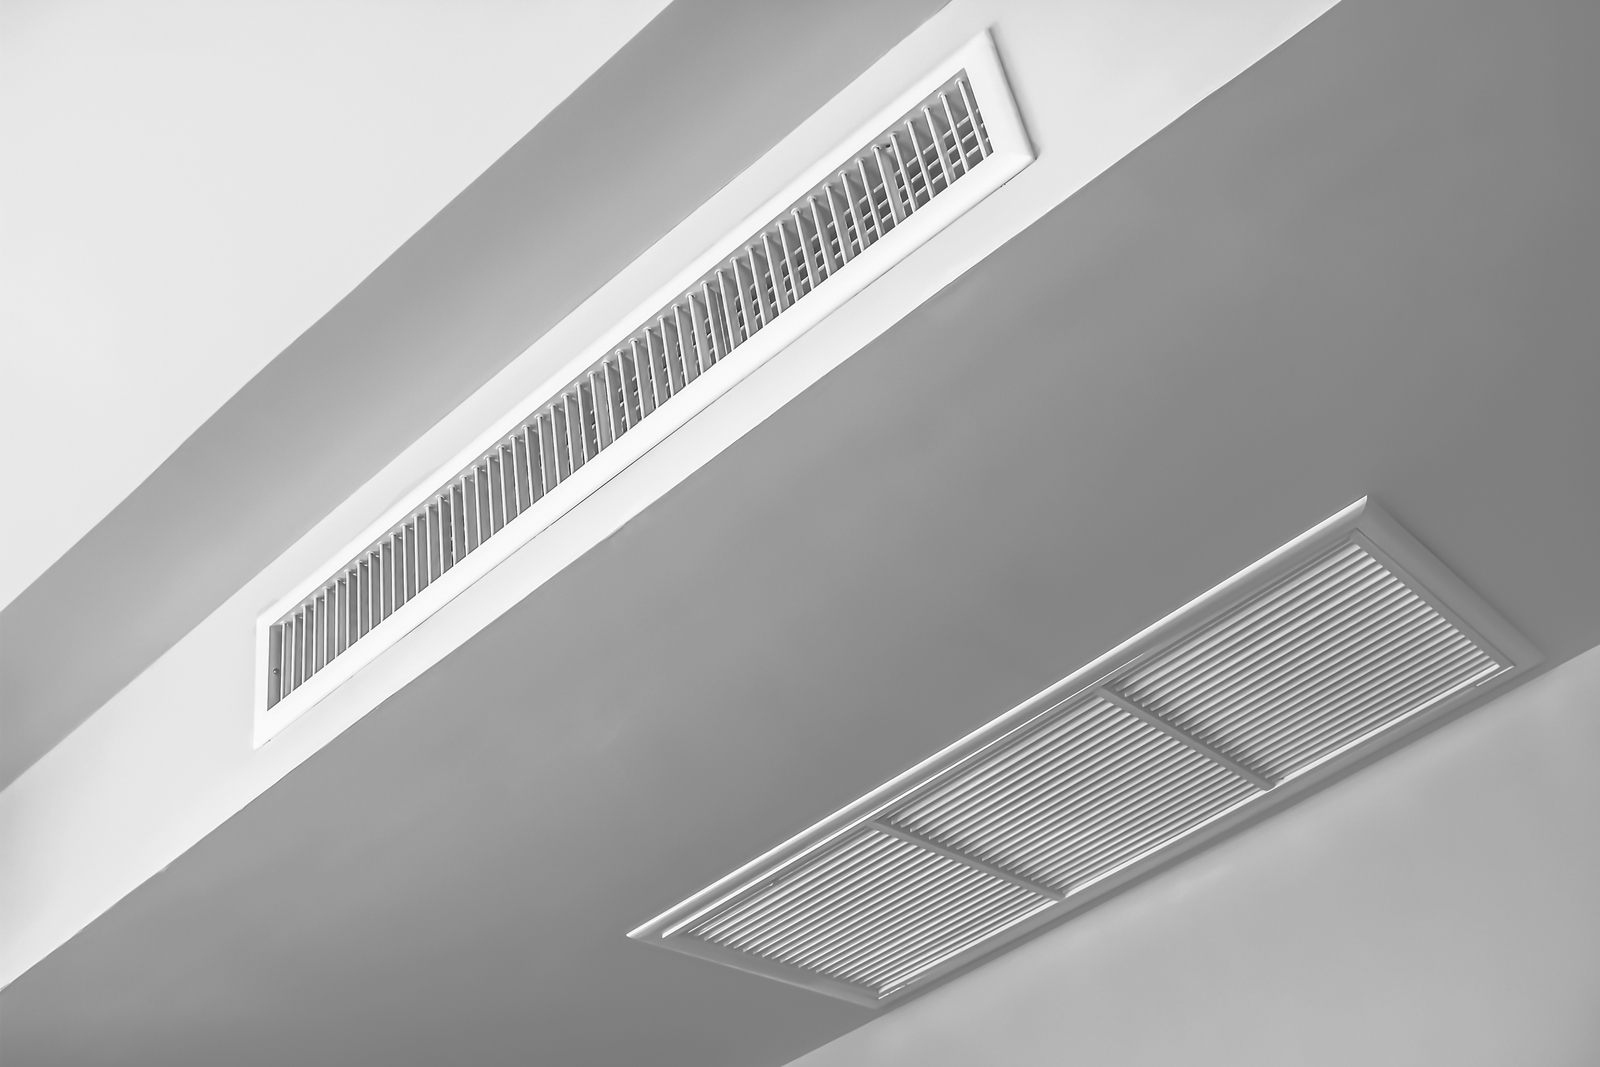 Aria Condizionata Canalizzata aria condizionata canalizzata: vantaggi e criticità | desivero